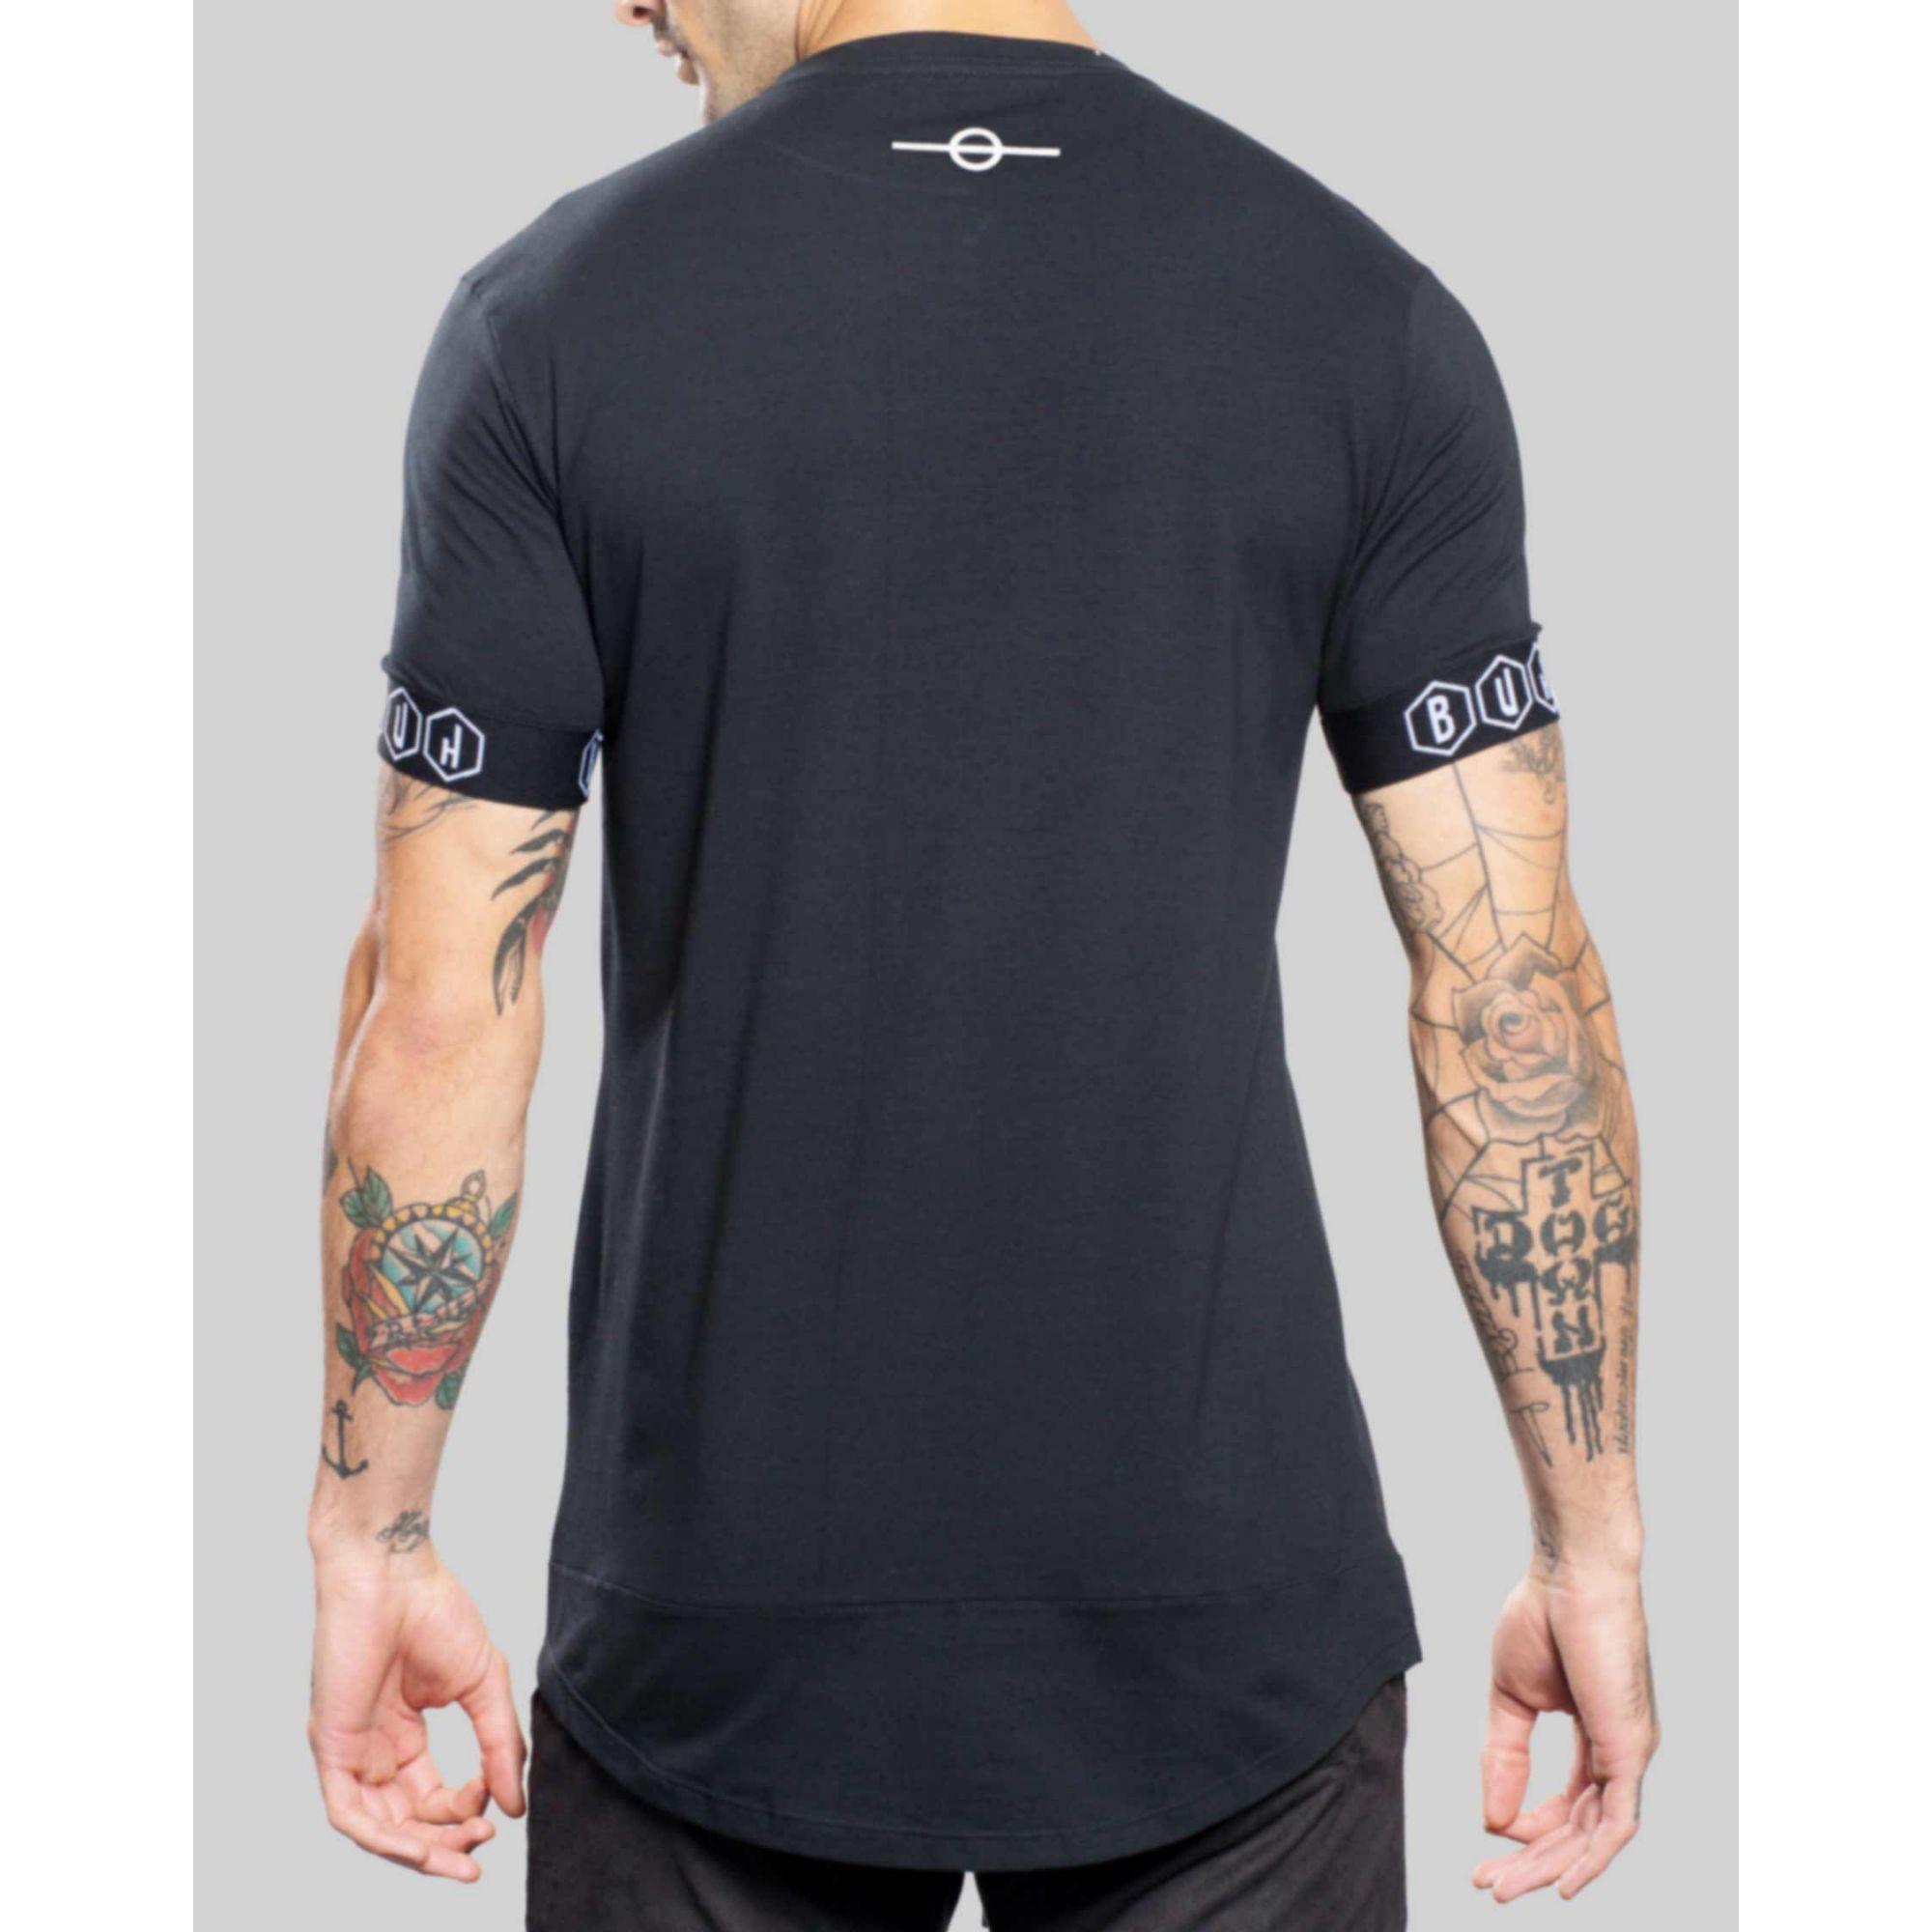 Camiseta Buh Elástico Black